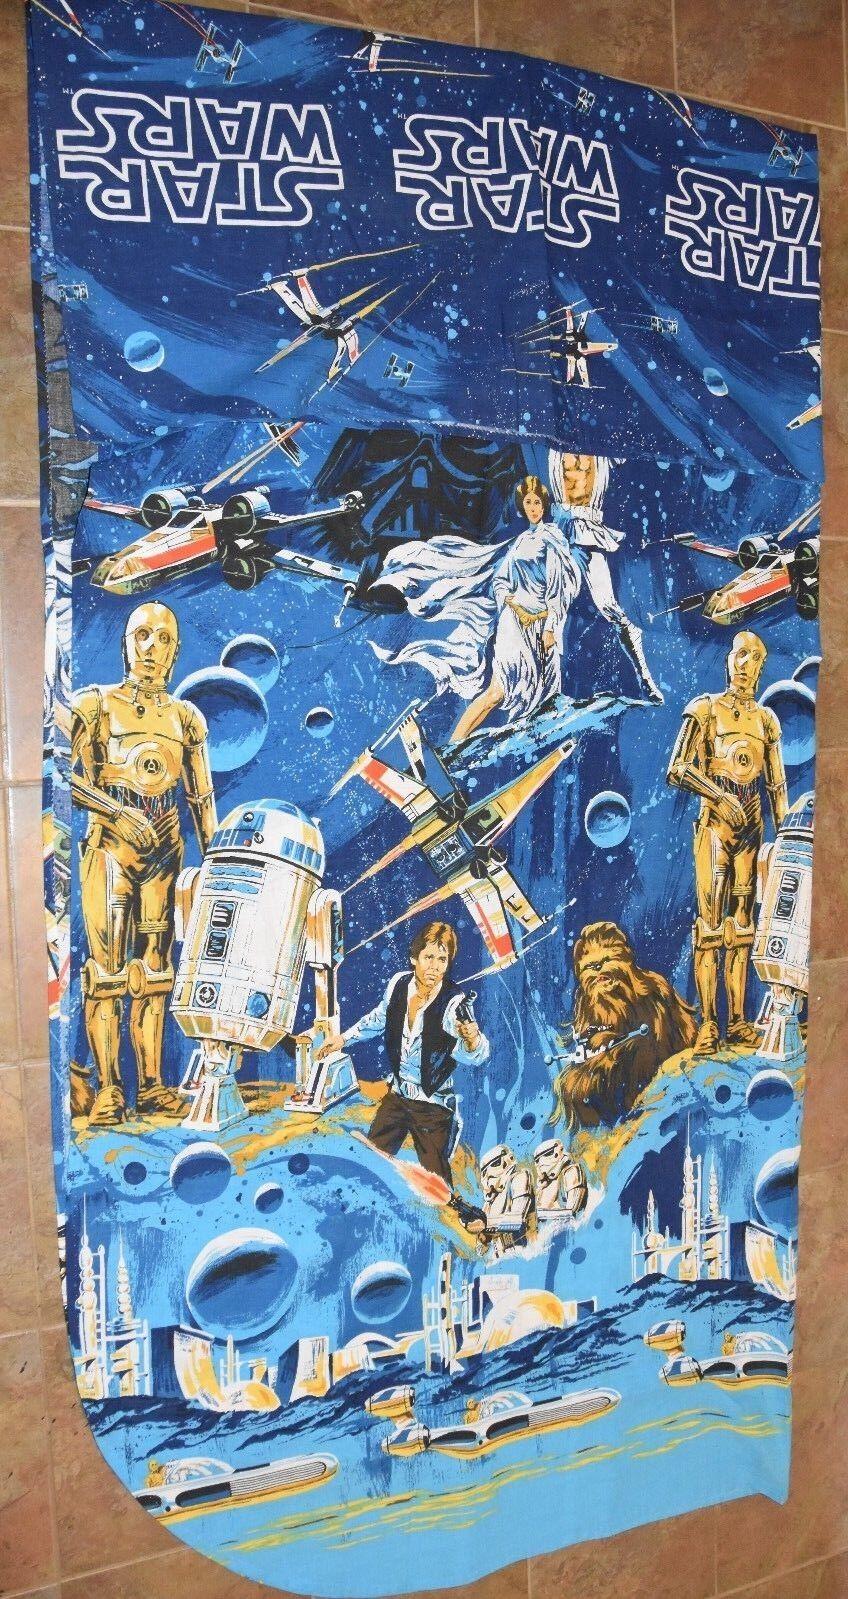 NWOT Vintage Star Wars BIBB FULL Bedding Top Blanket Sheet 90x105 Unused New